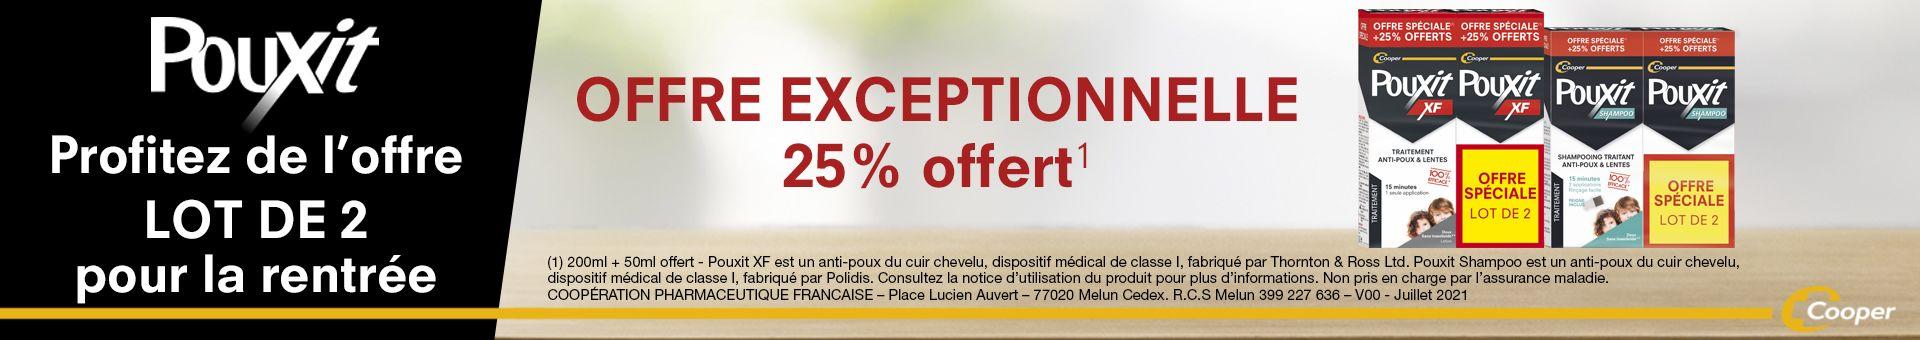 Pharmacie Saintes Boiffiers,Saintes